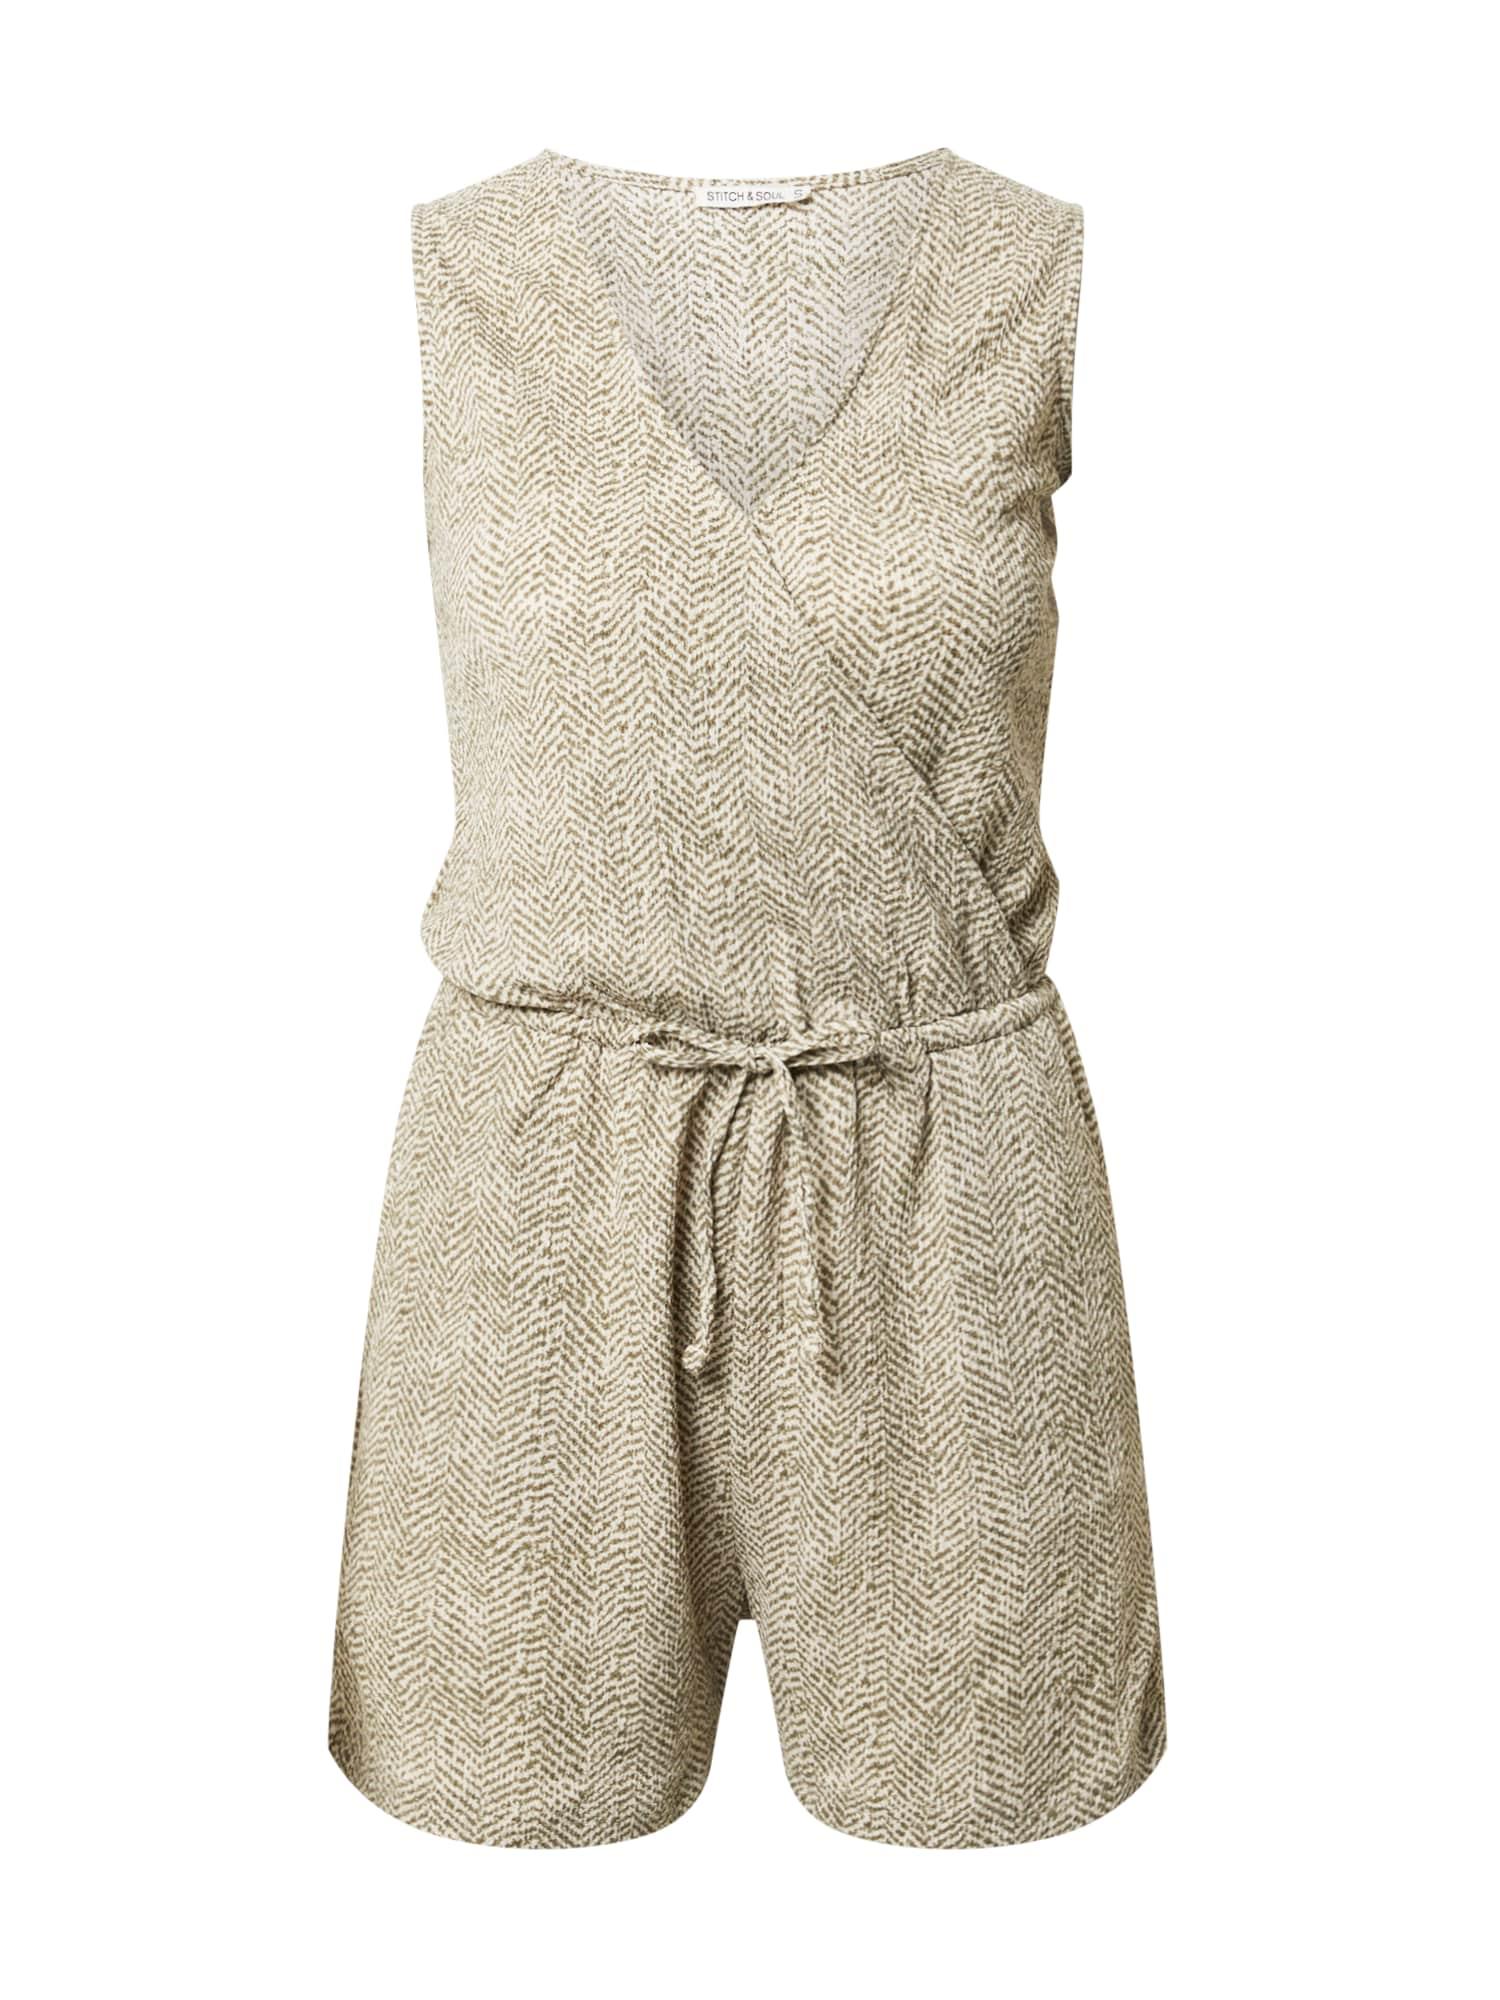 Stitch and Soul Vienos dalies kostiumas smėlio